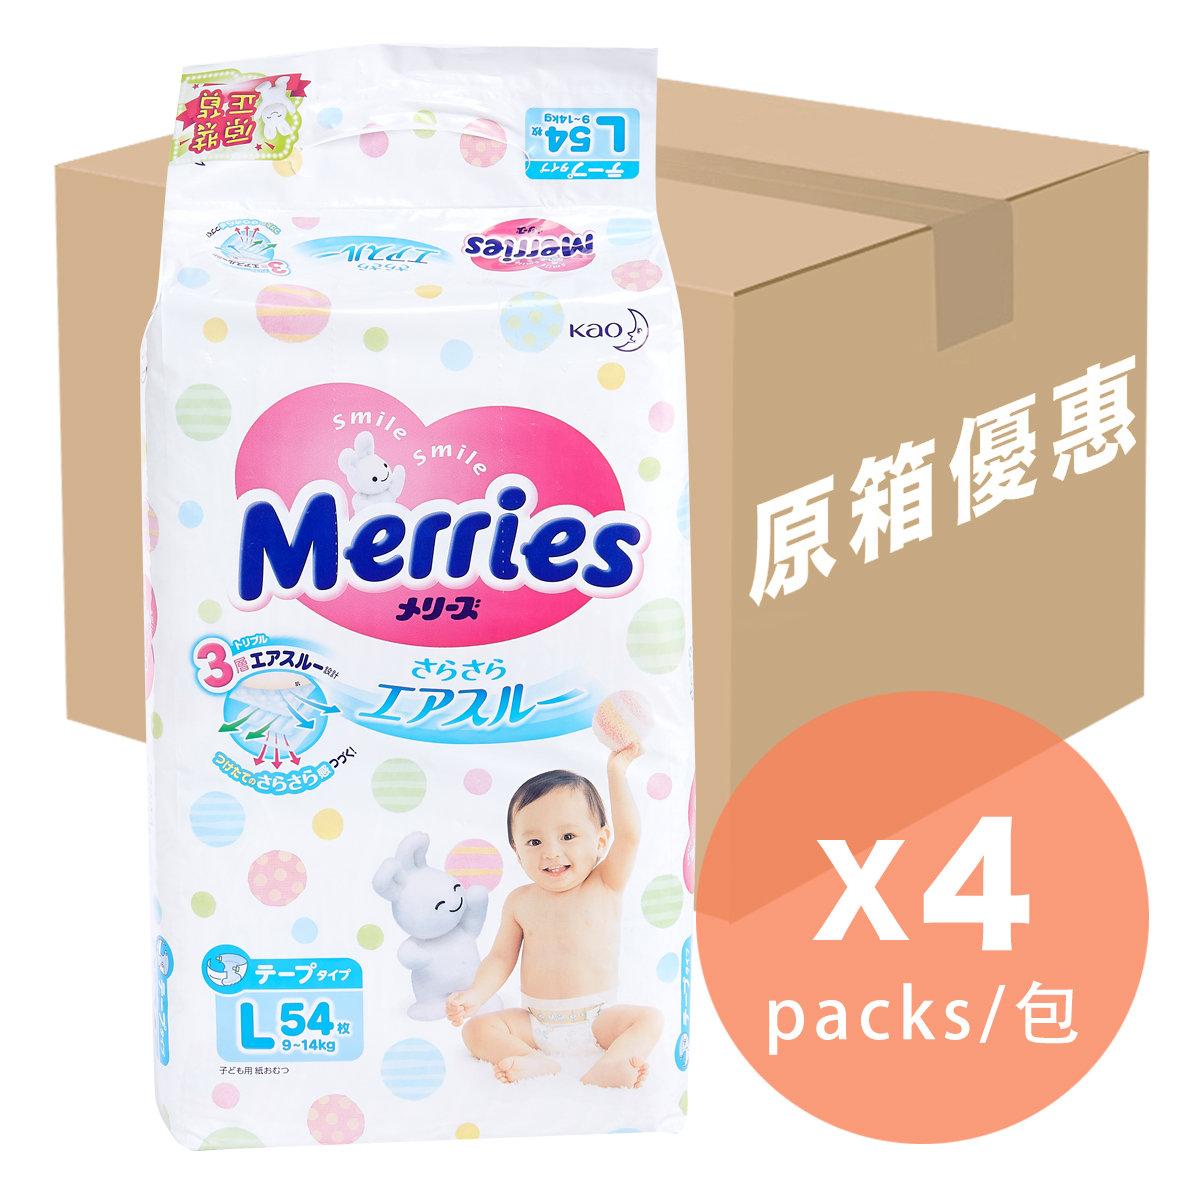 Merries | [Full Case] Diaper (L) | HKTVmall Online Shopping